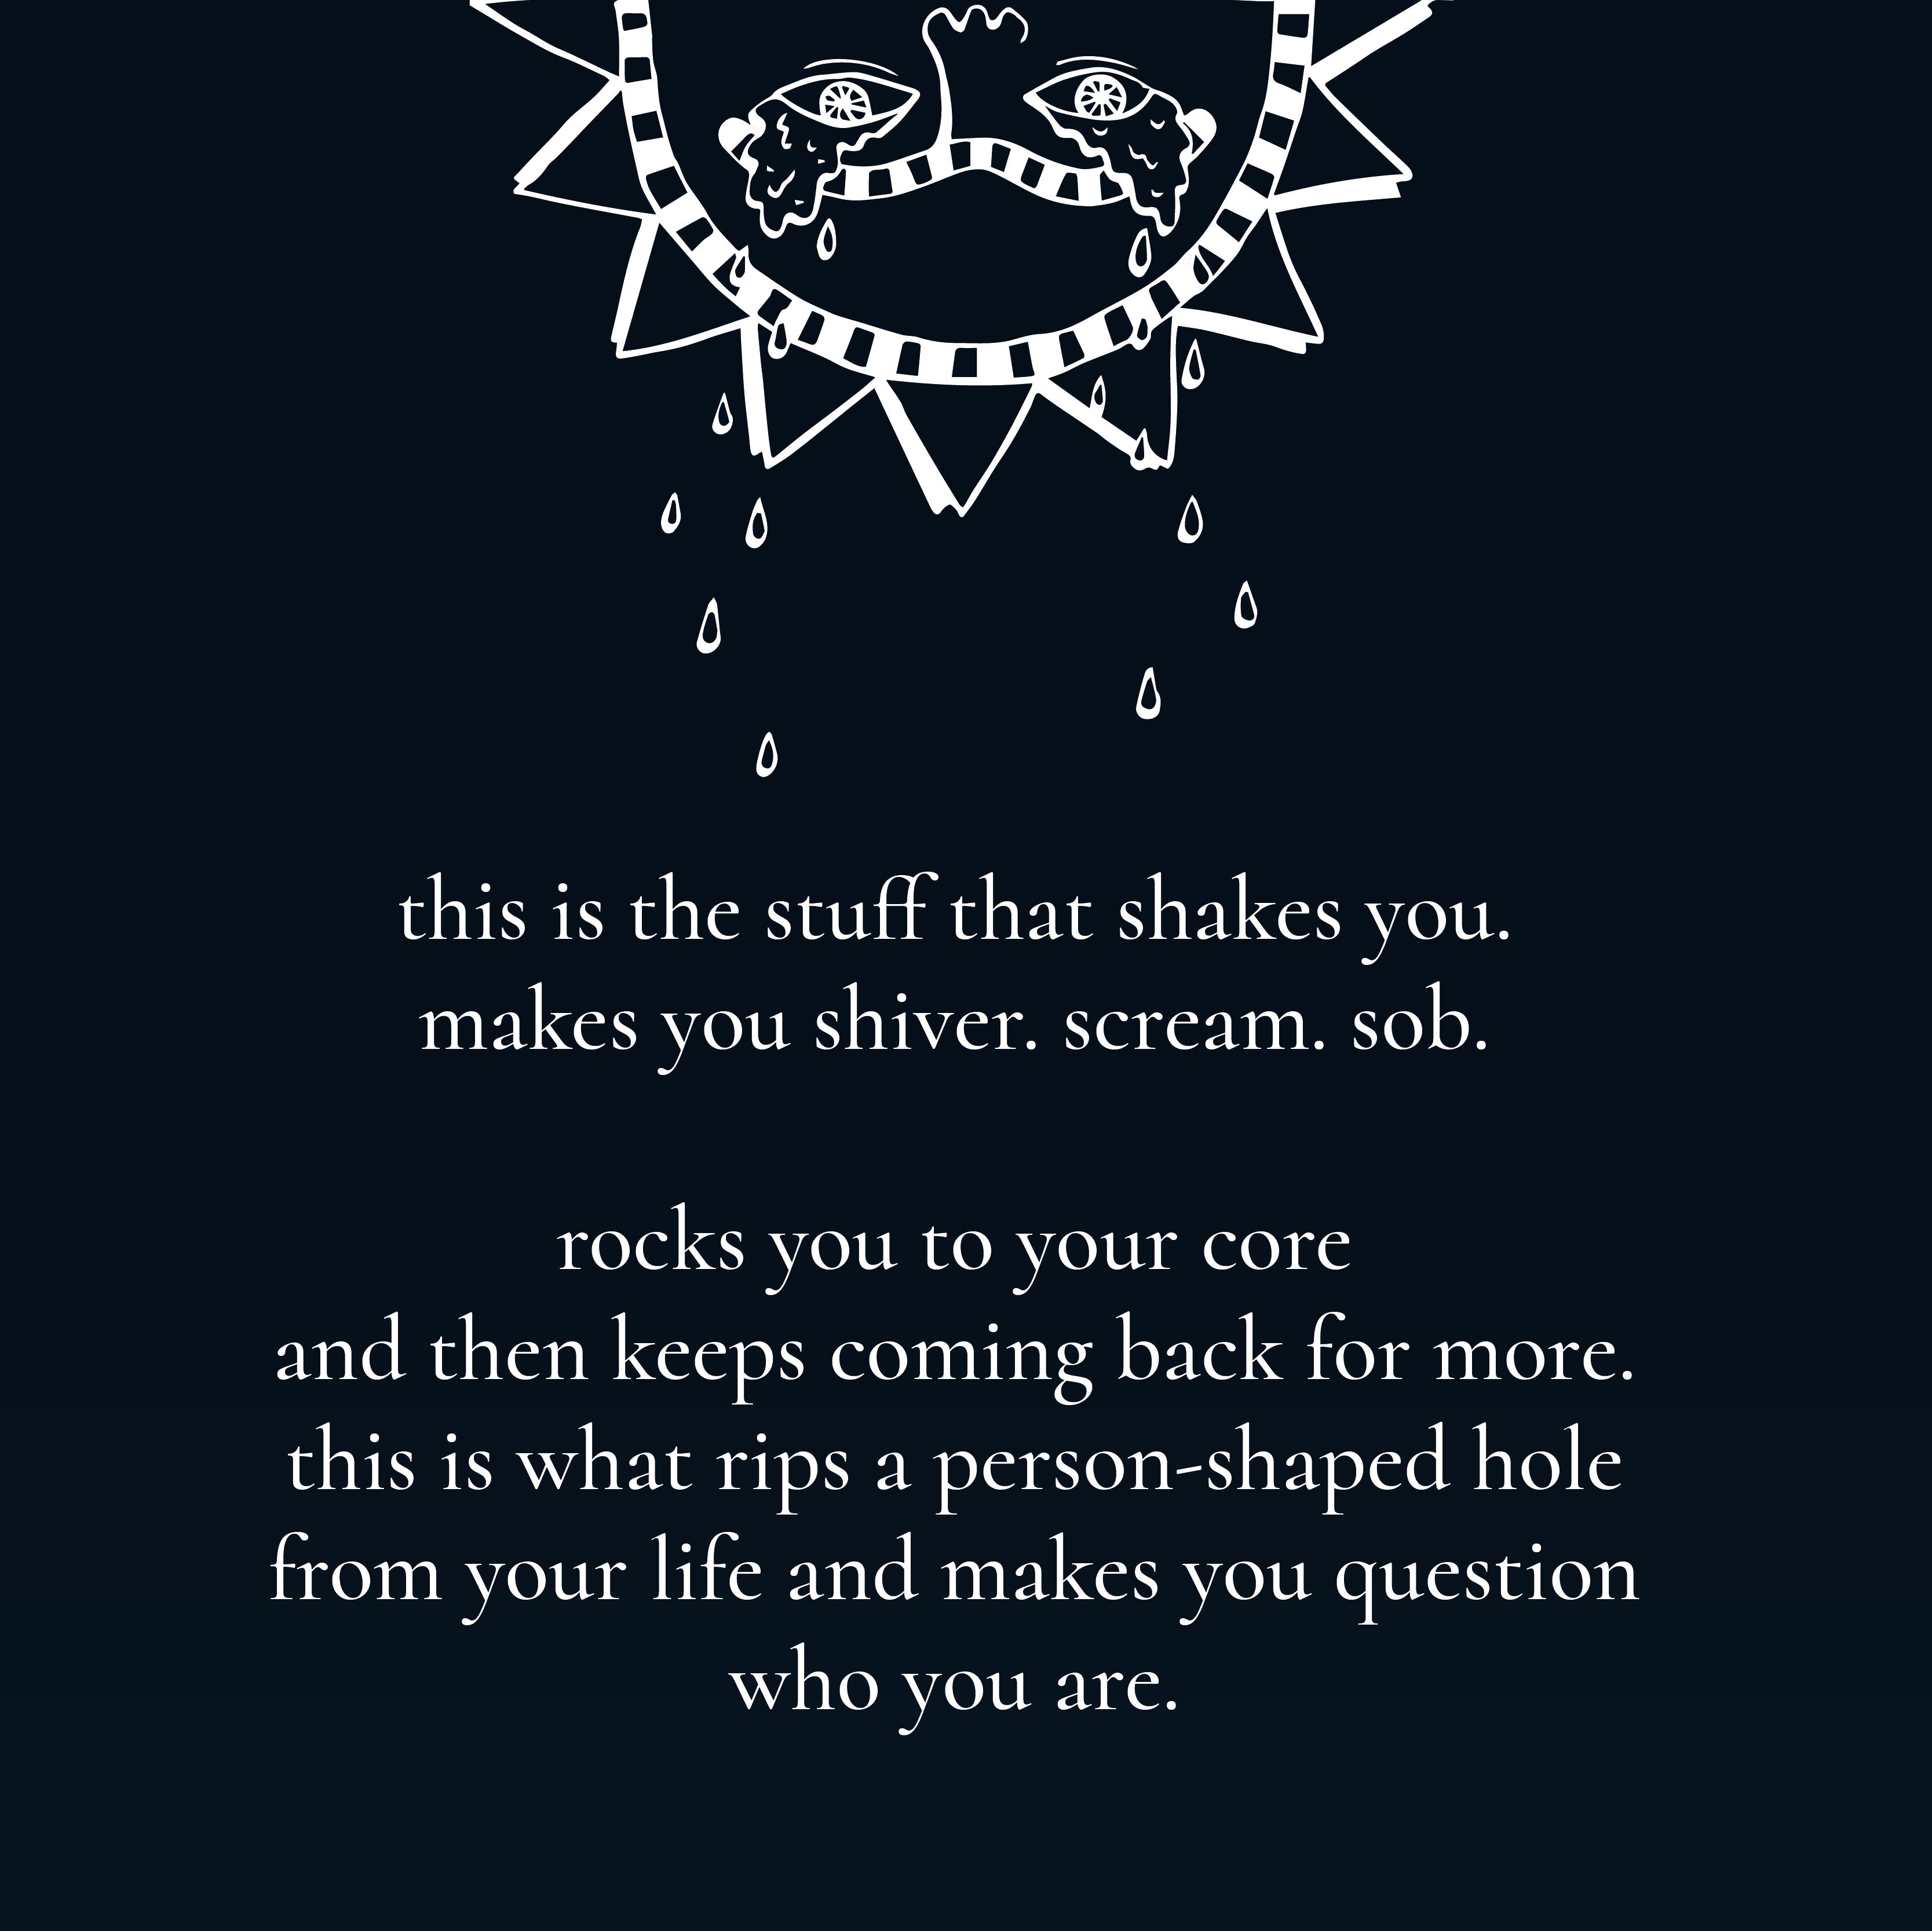 HWHG_Social_Insta poem 1.png